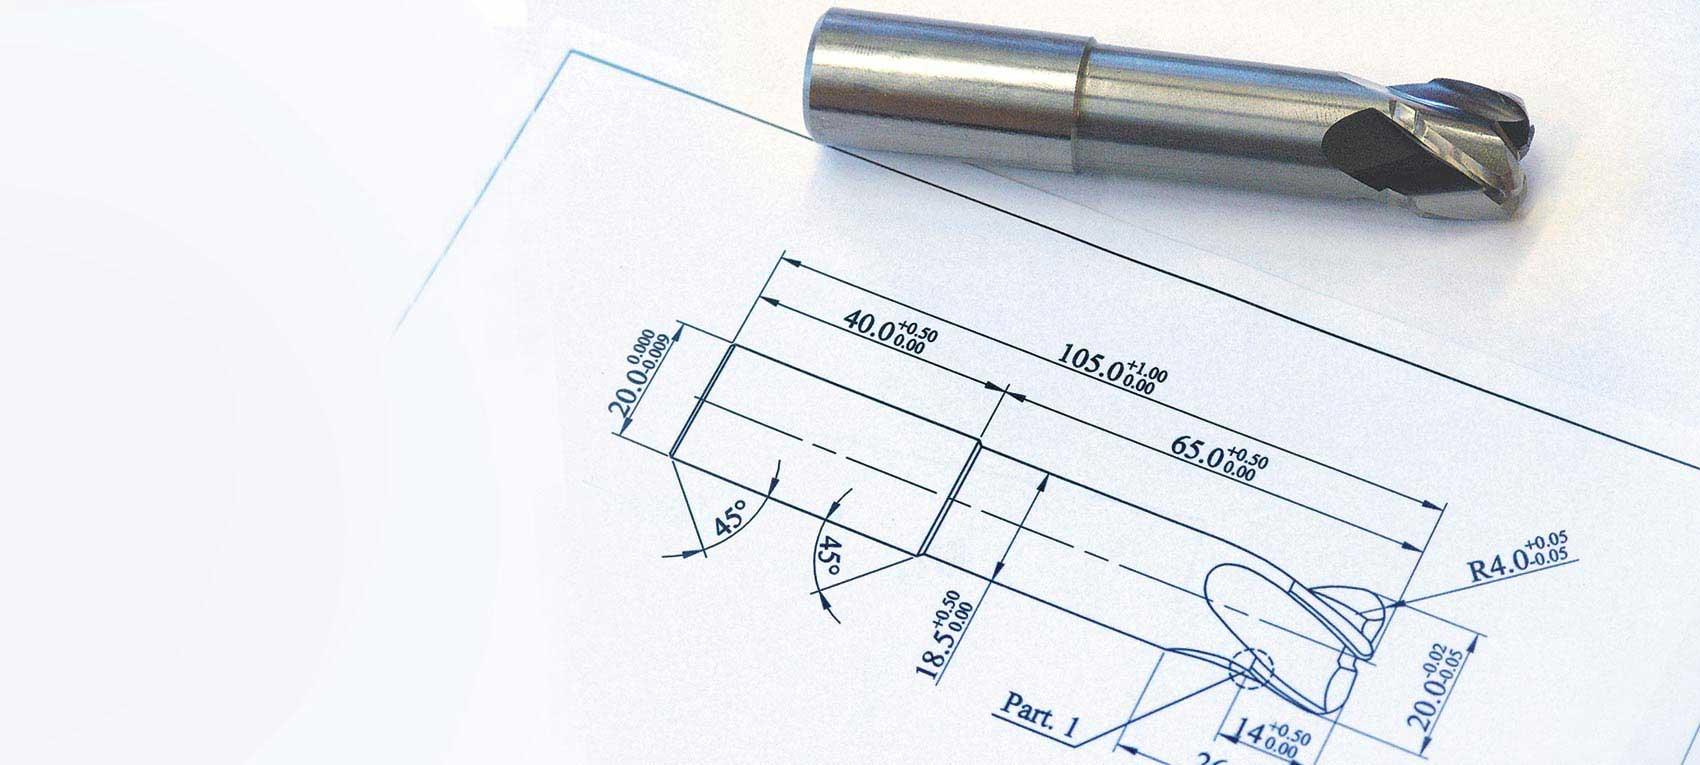 Schleifservice-Sonderwerkzeug_zeichnung Schleifservice